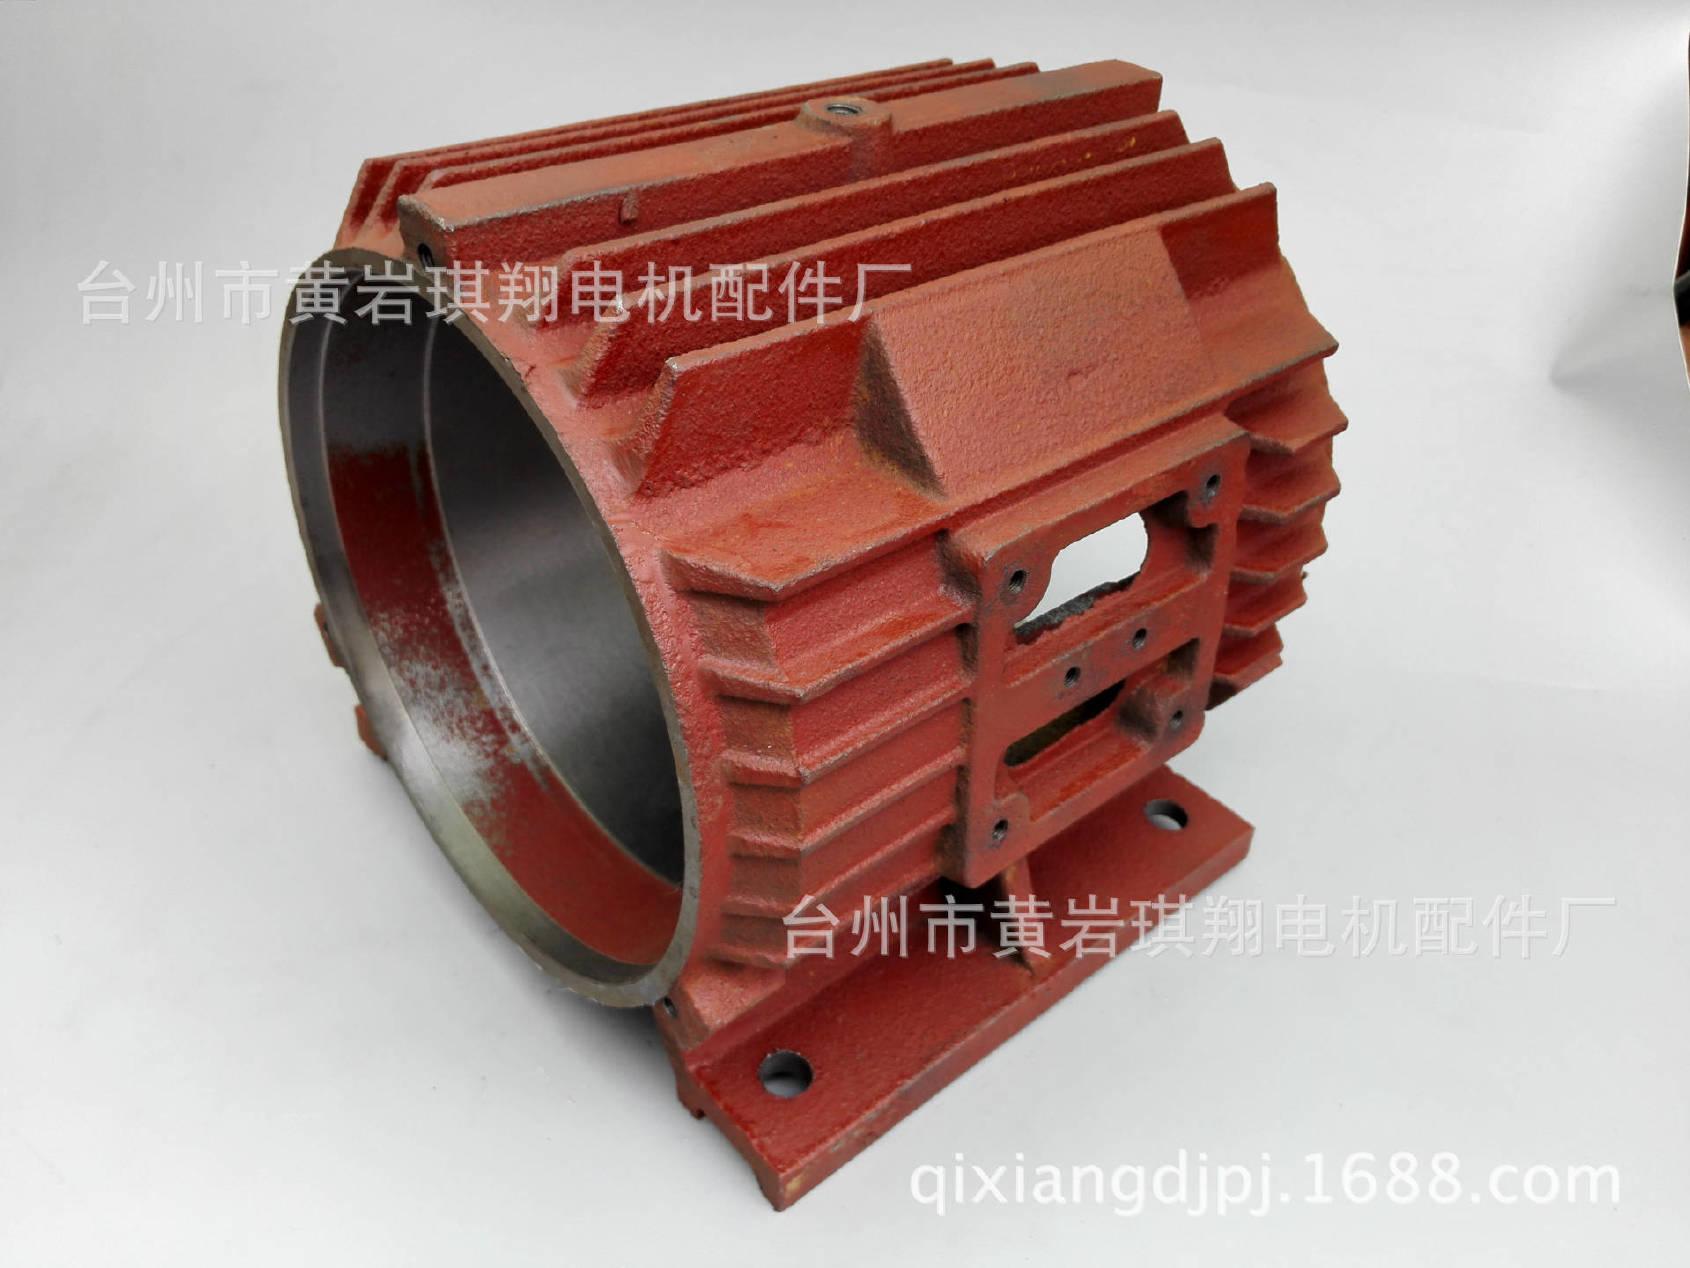 供应台州琪翔Y/Y2/YB3 电机配件 Y2-315短卧式铸铁电机外壳图片